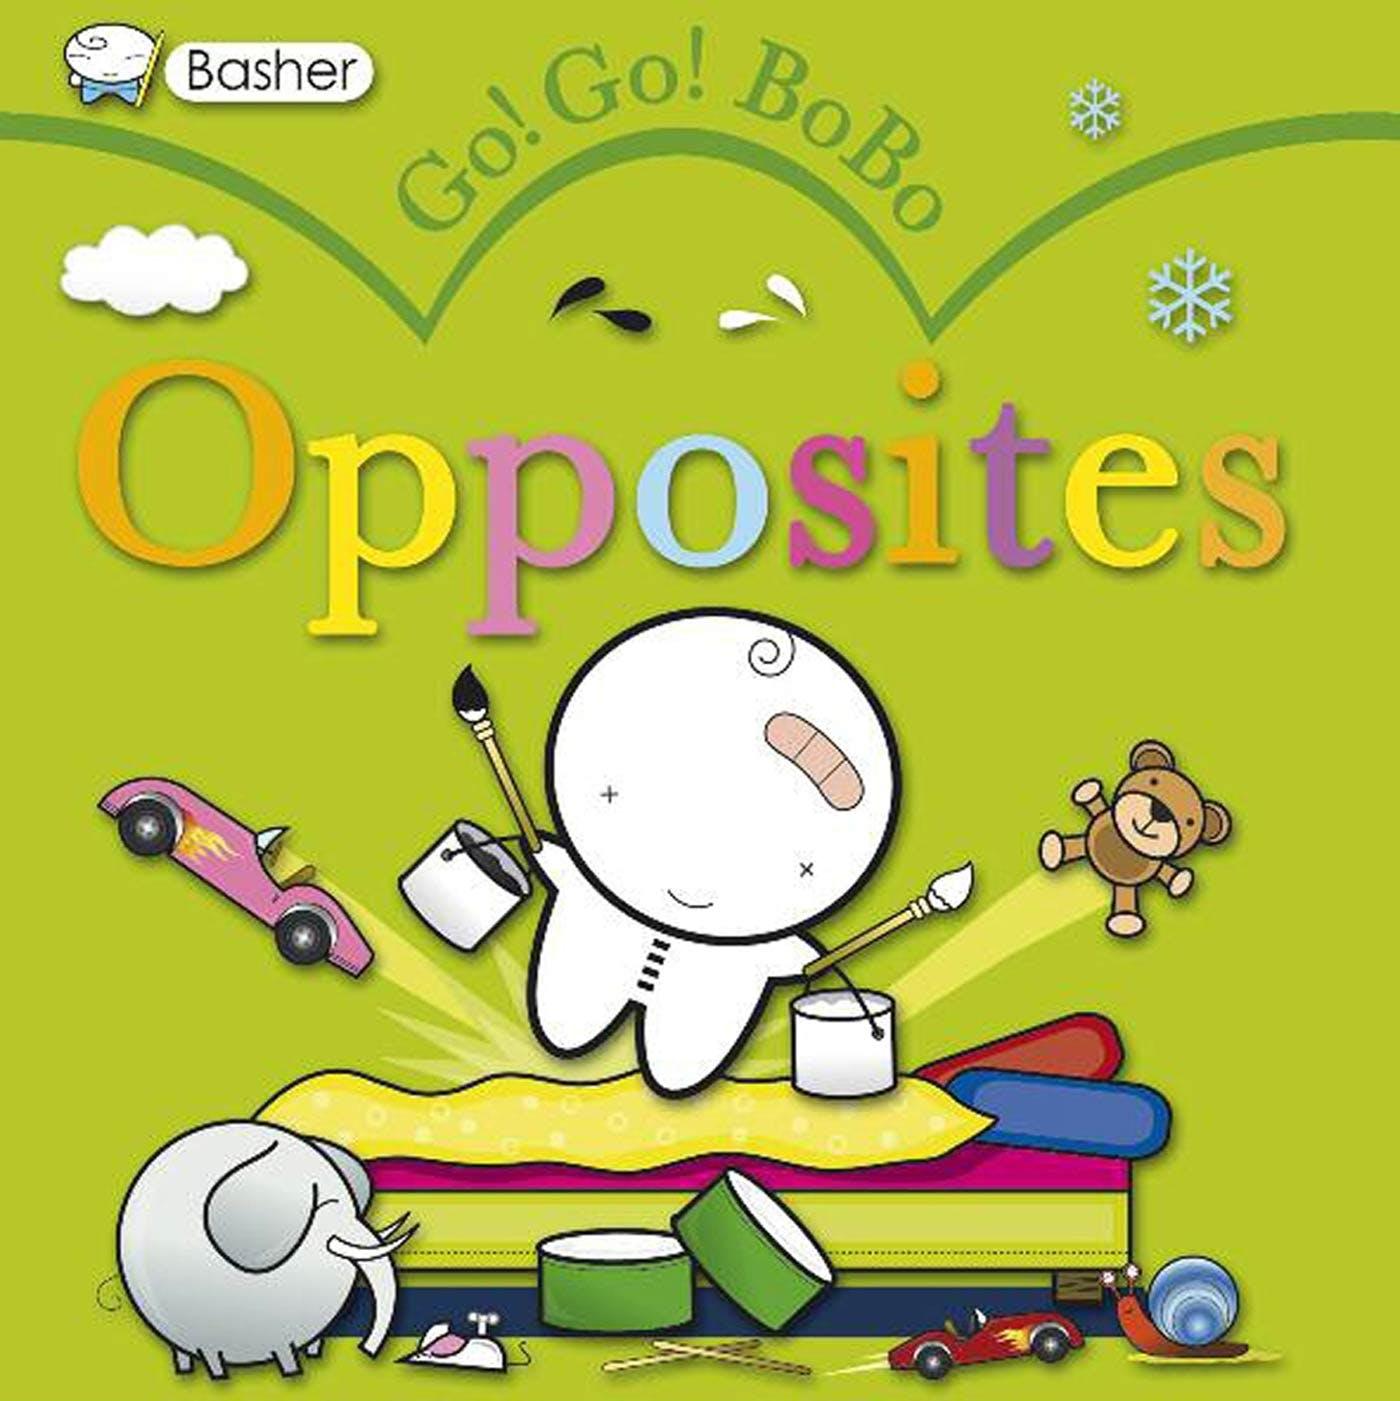 Image of Basher: Go! Go! BoBo Opposites